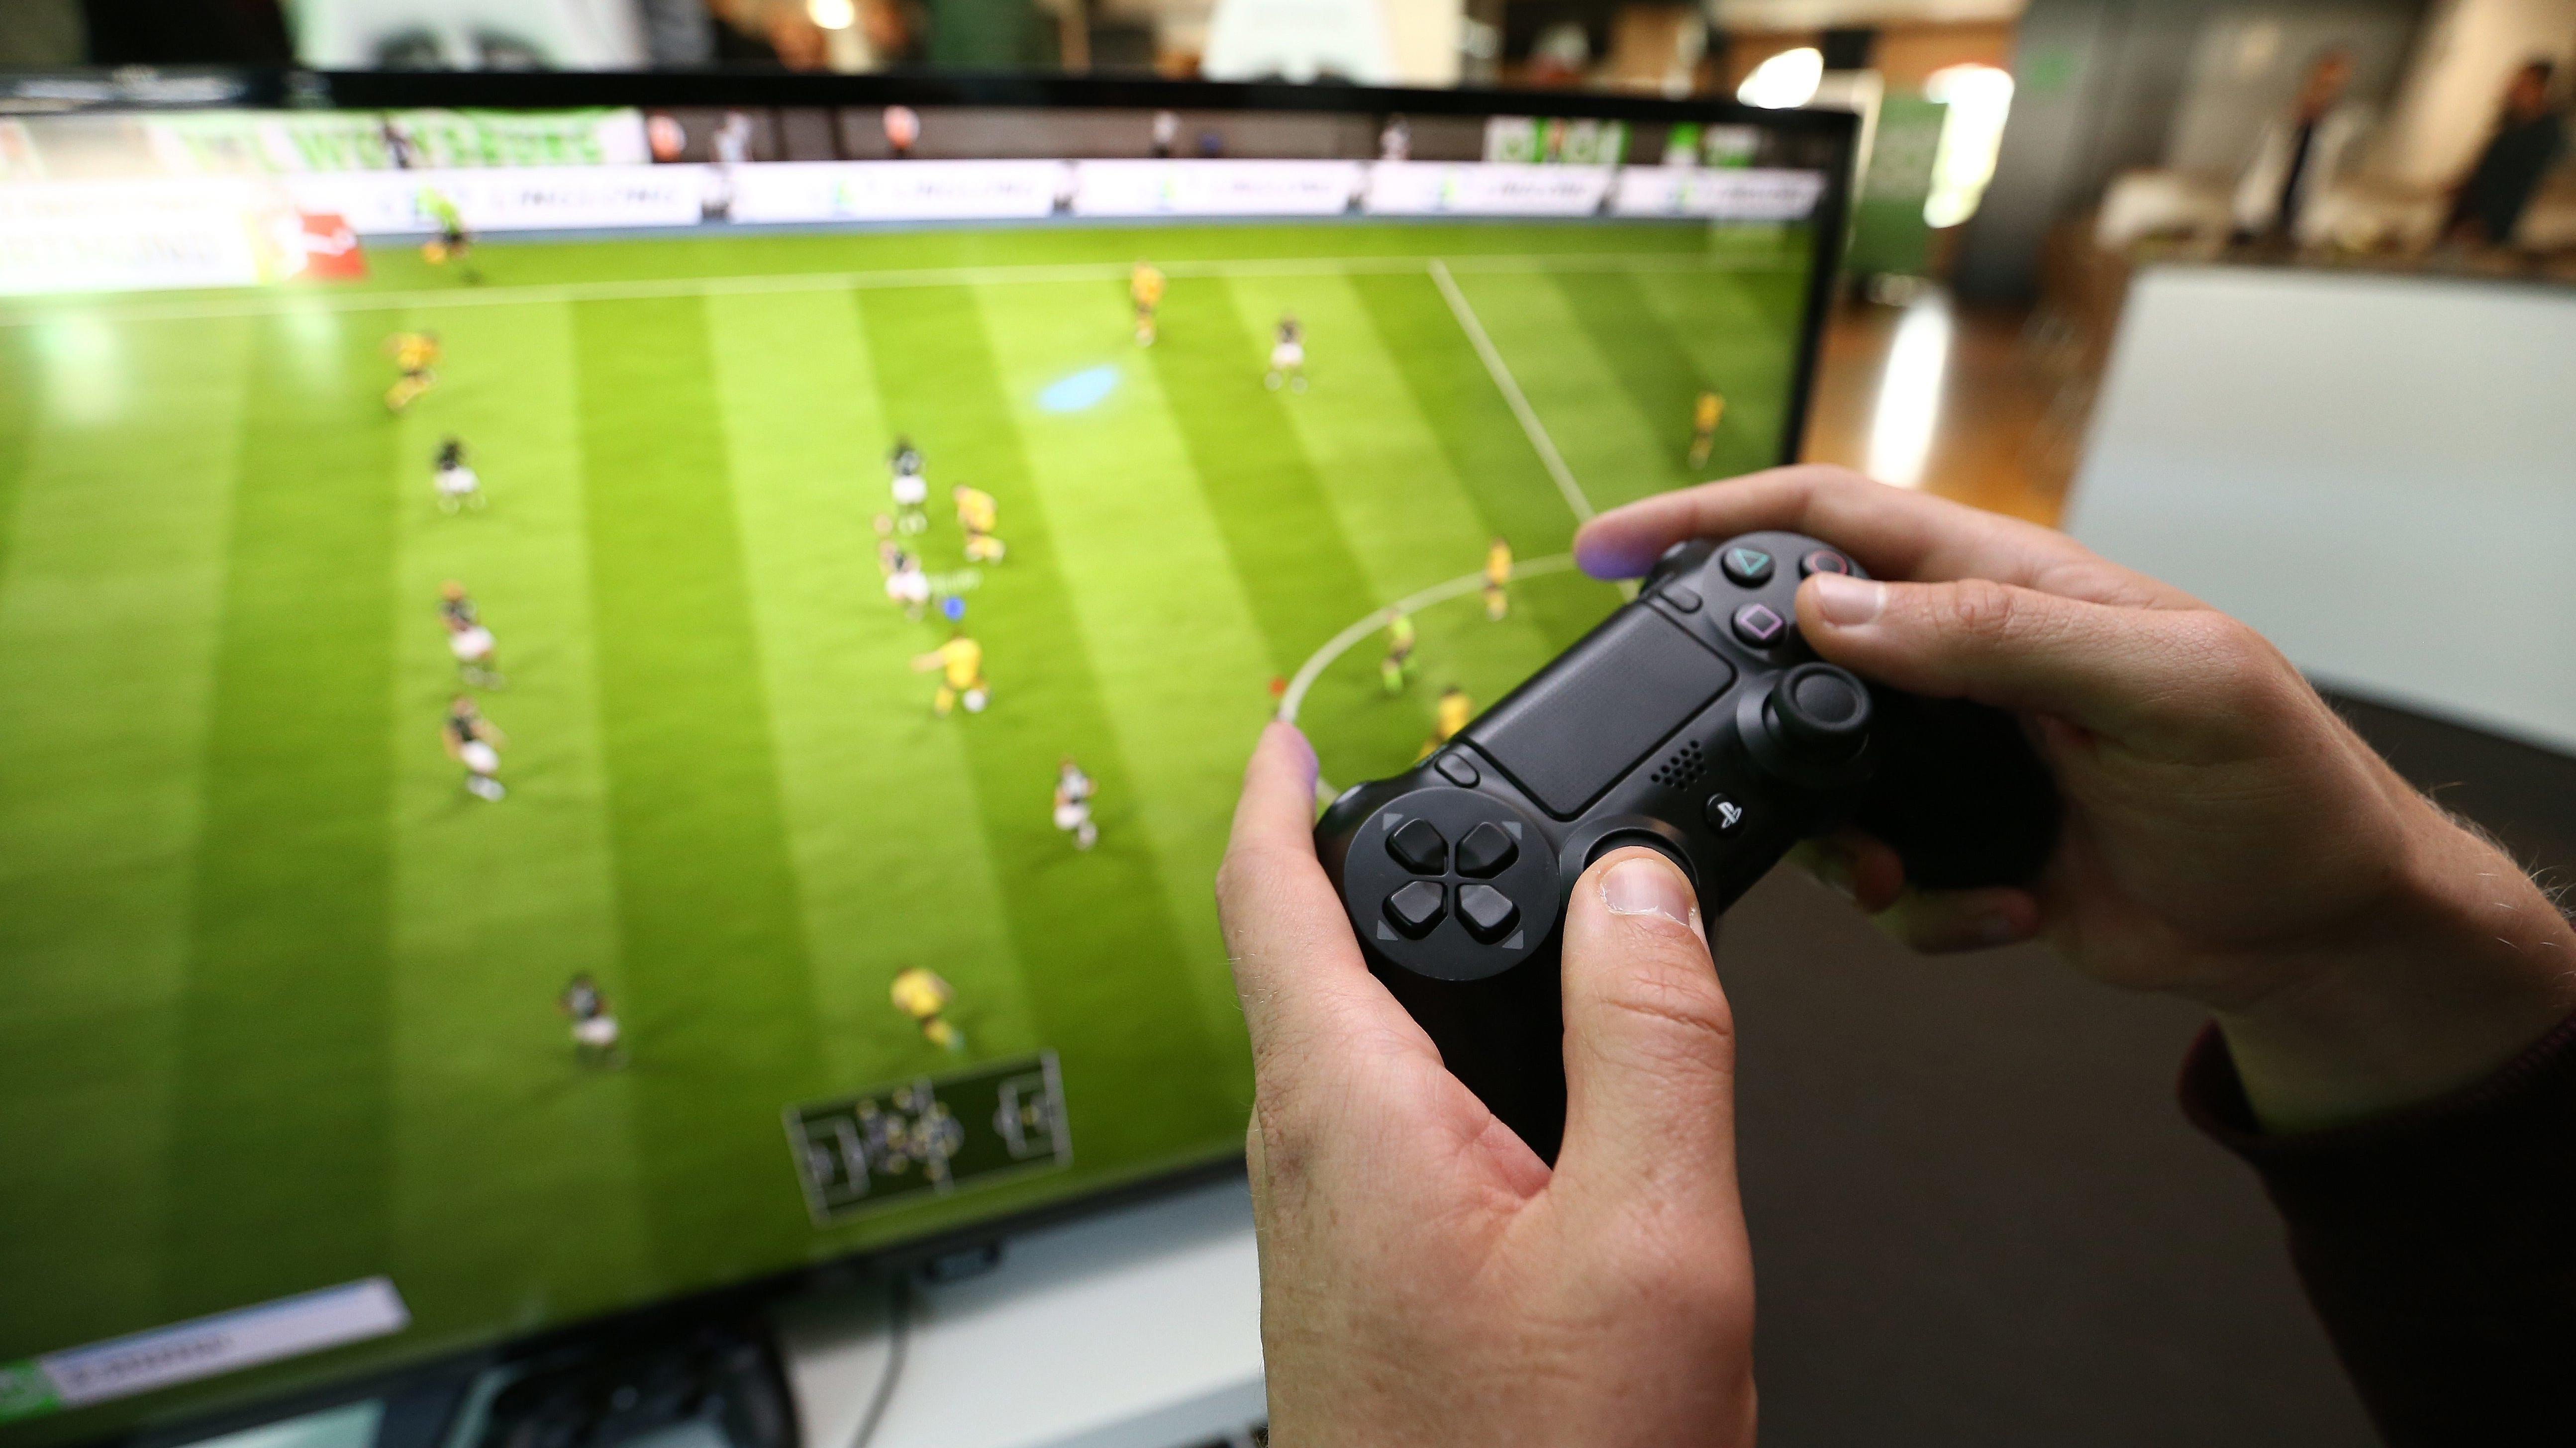 Fußballspiel auf einer Spielkonsole